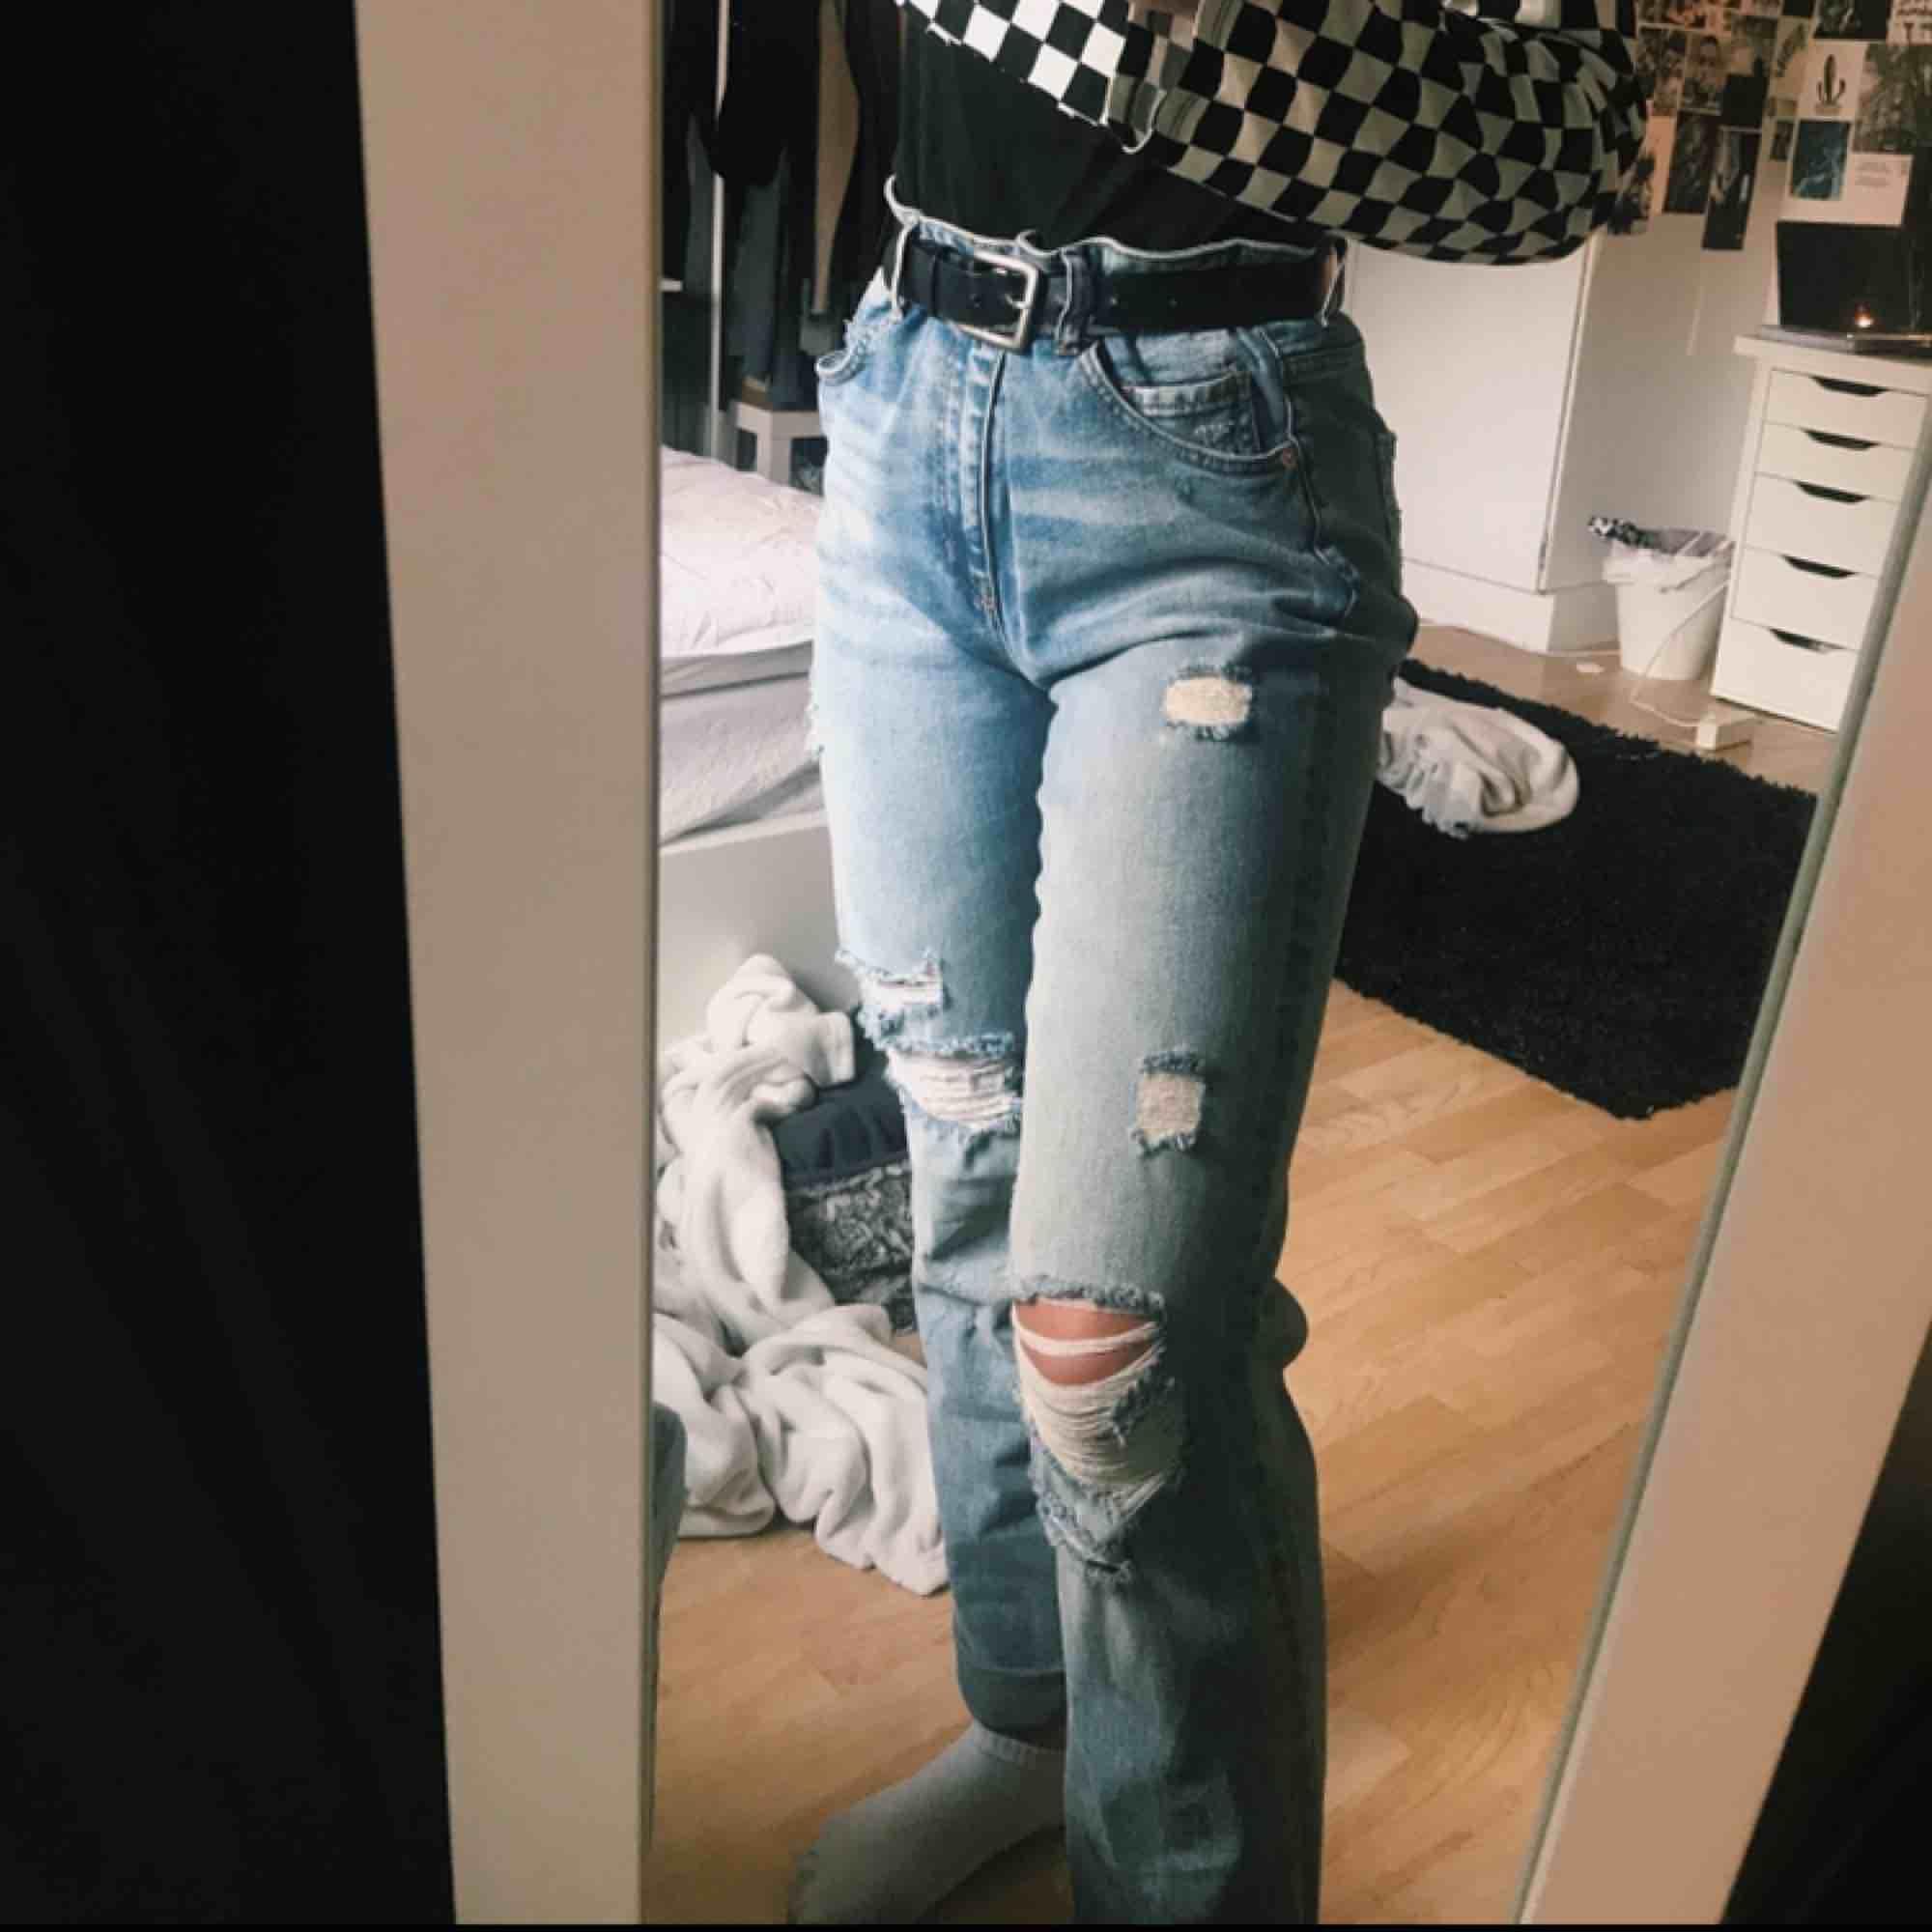 säljer ett par byxor från hm i strl 33 pga aldrig använda. säljer för 100kr + frakt (30kr). hör av er. Jeans & Byxor.